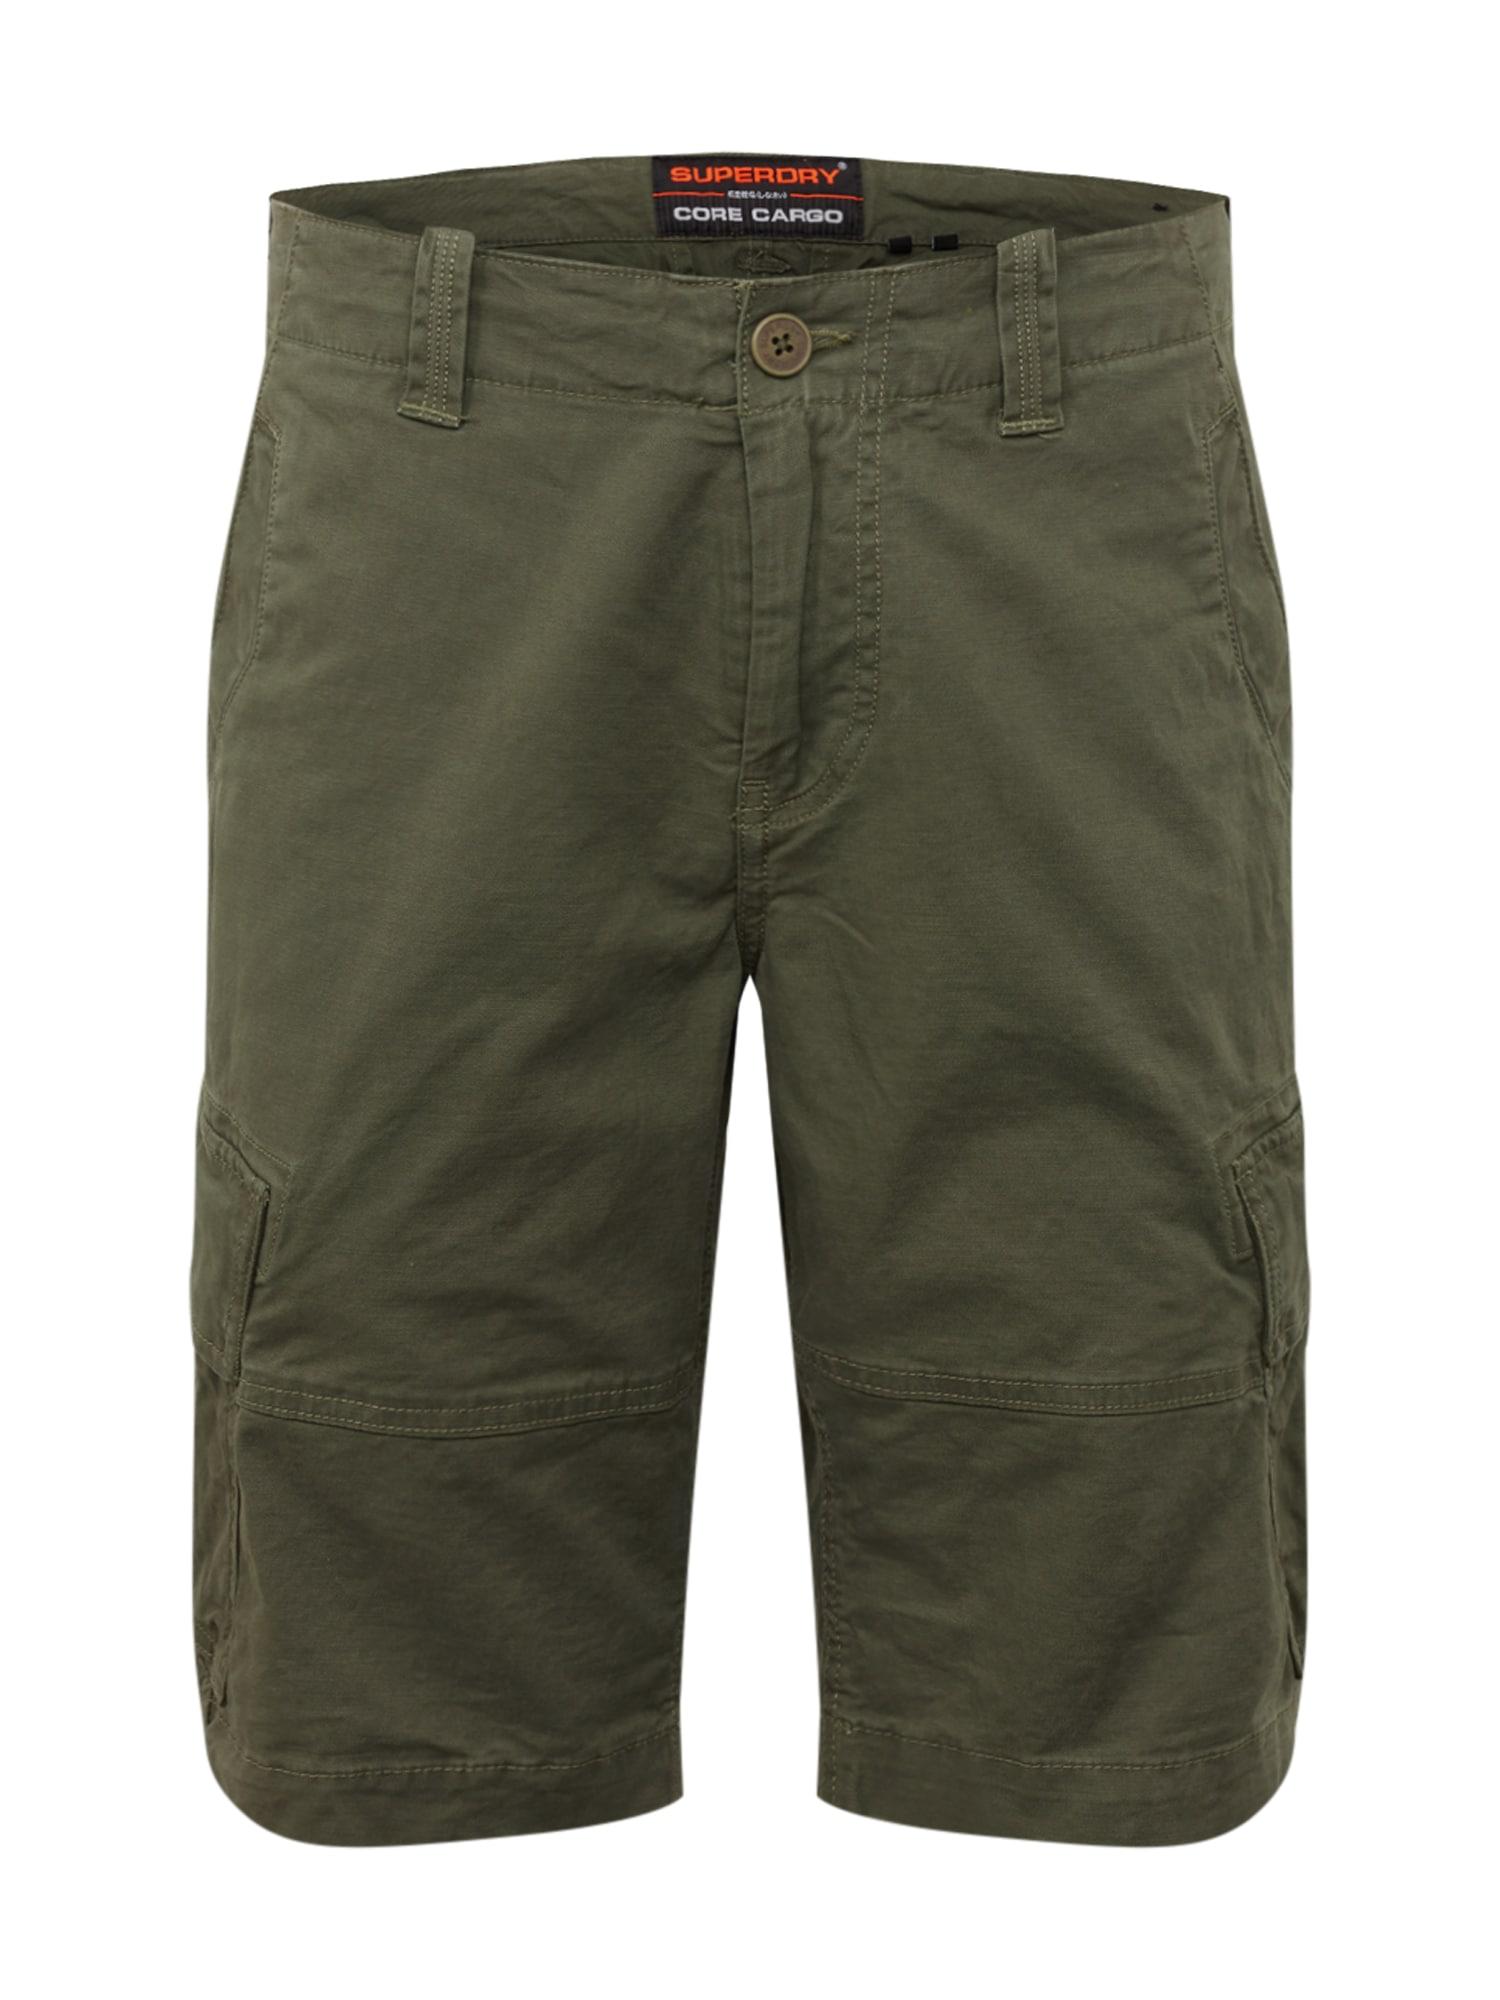 Superdry Laisvo stiliaus kelnės 'Core' tamsiai žalia